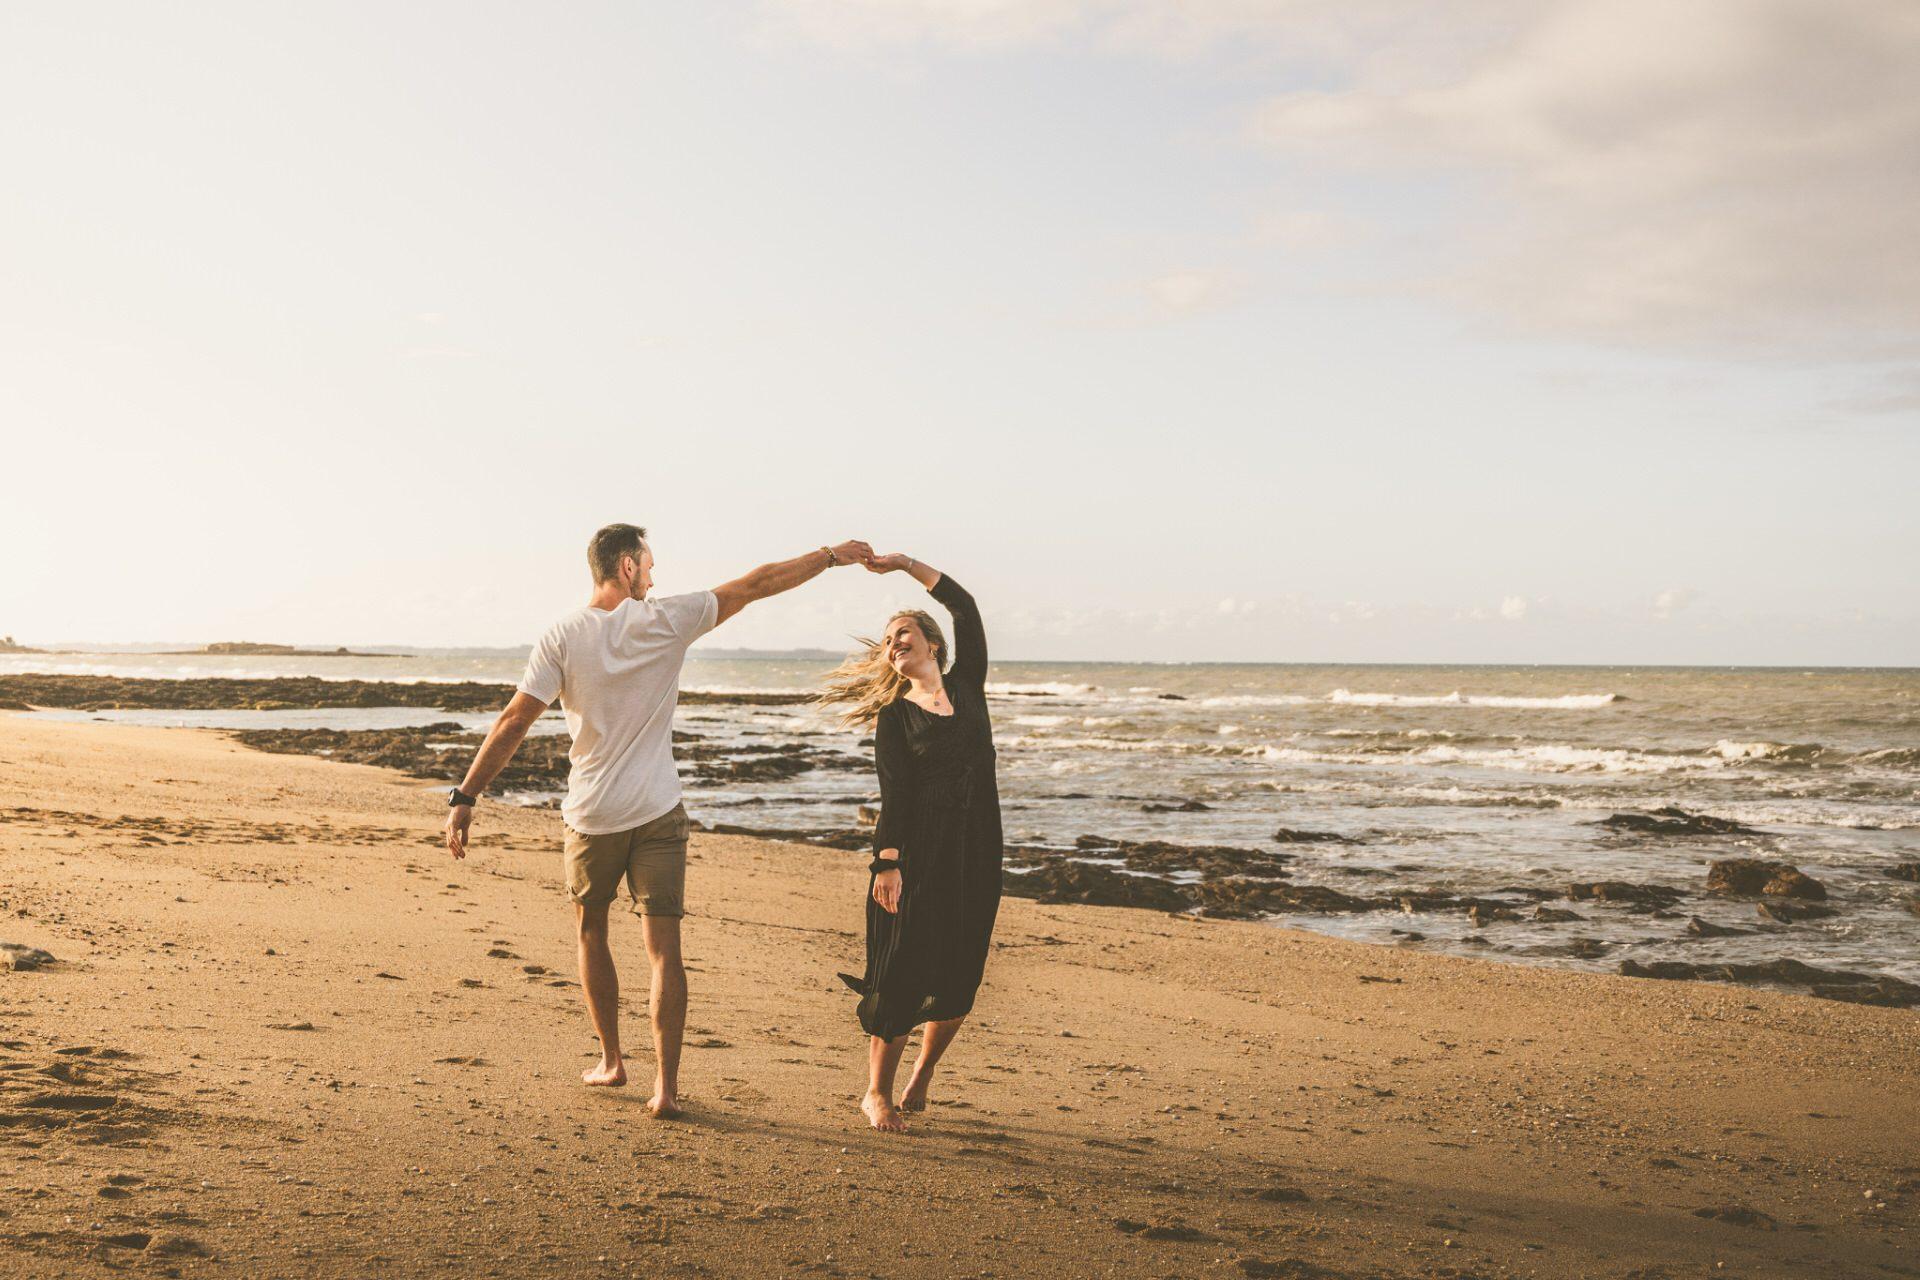 ©Tony Esnault-LBST - Balade en amoureux sur la plage